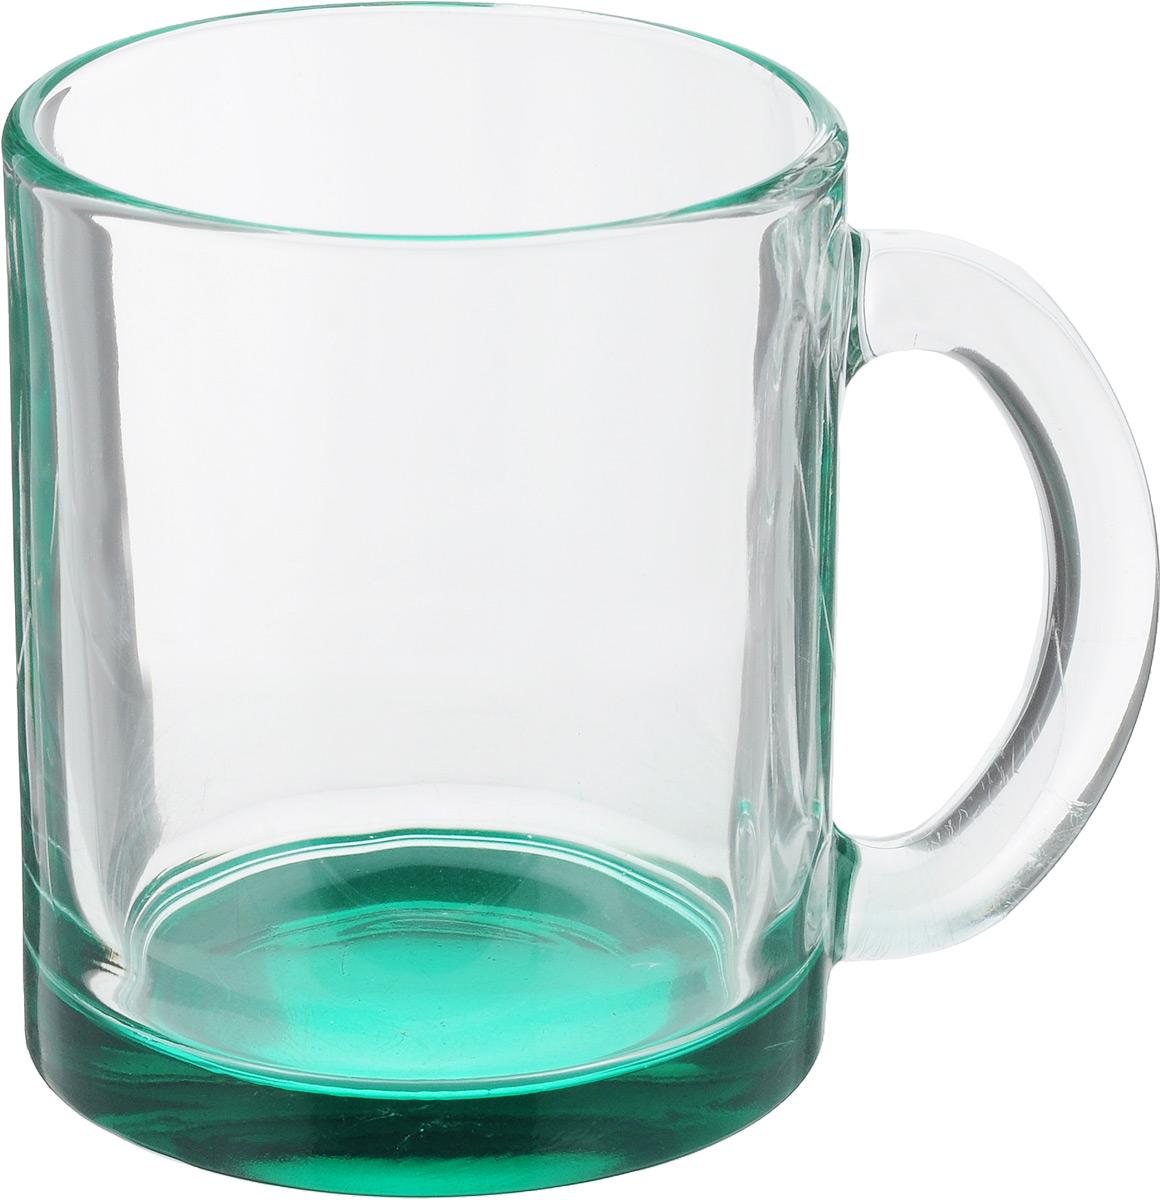 Кружка OSZ Чайная, цвет: прозрачный, салатовый, 320 мл04C1208LM_прозрачный, салатовыйКружка OSZ Чайная изготовлена из стекла двух цветов. Изделие идеально подходит для сервировки стола. Кружка не только украсит ваш кухонный стол, но и подчеркнет прекрасный вкус хозяйки. Диаметр кружки (по верхнему краю): 8 см. Высота кружки: 9,5 см. Объем кружки: 320 мл.